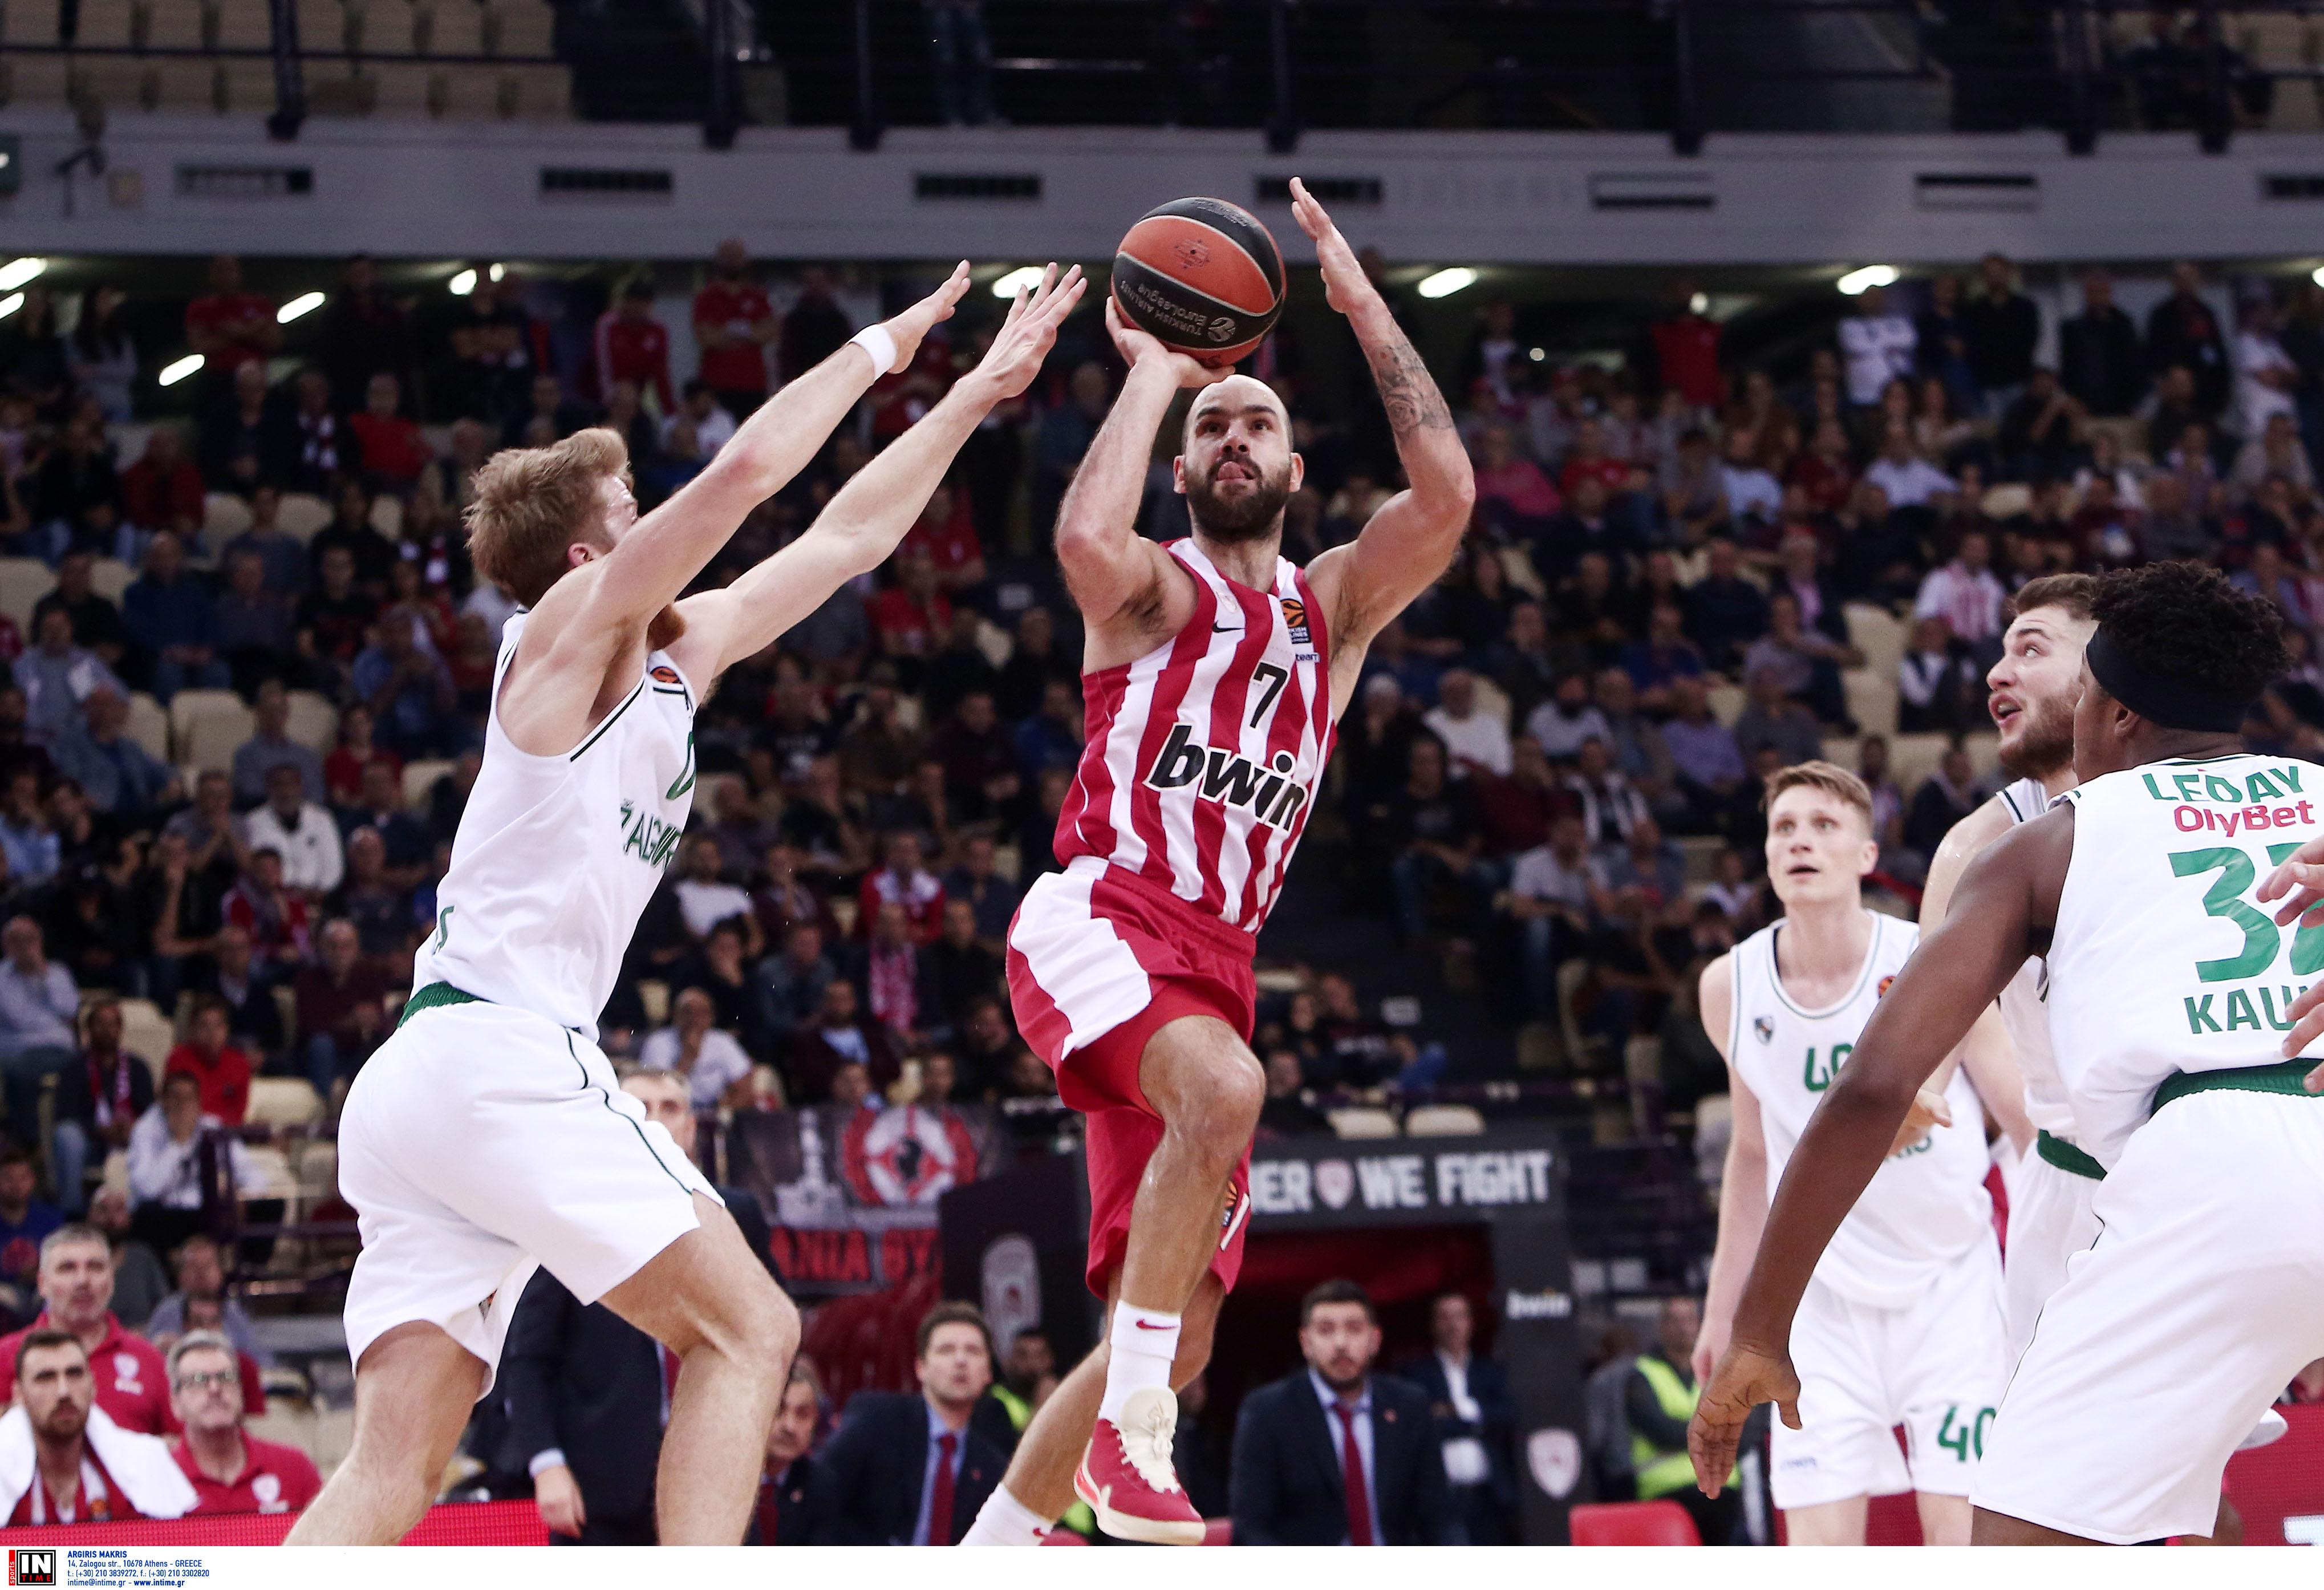 """Ζαλγκίρις – Ολυμπιακός: Άλλος ένας… τελικός για τους """"ερυθρόλευκους"""" στο Κάουνας!"""